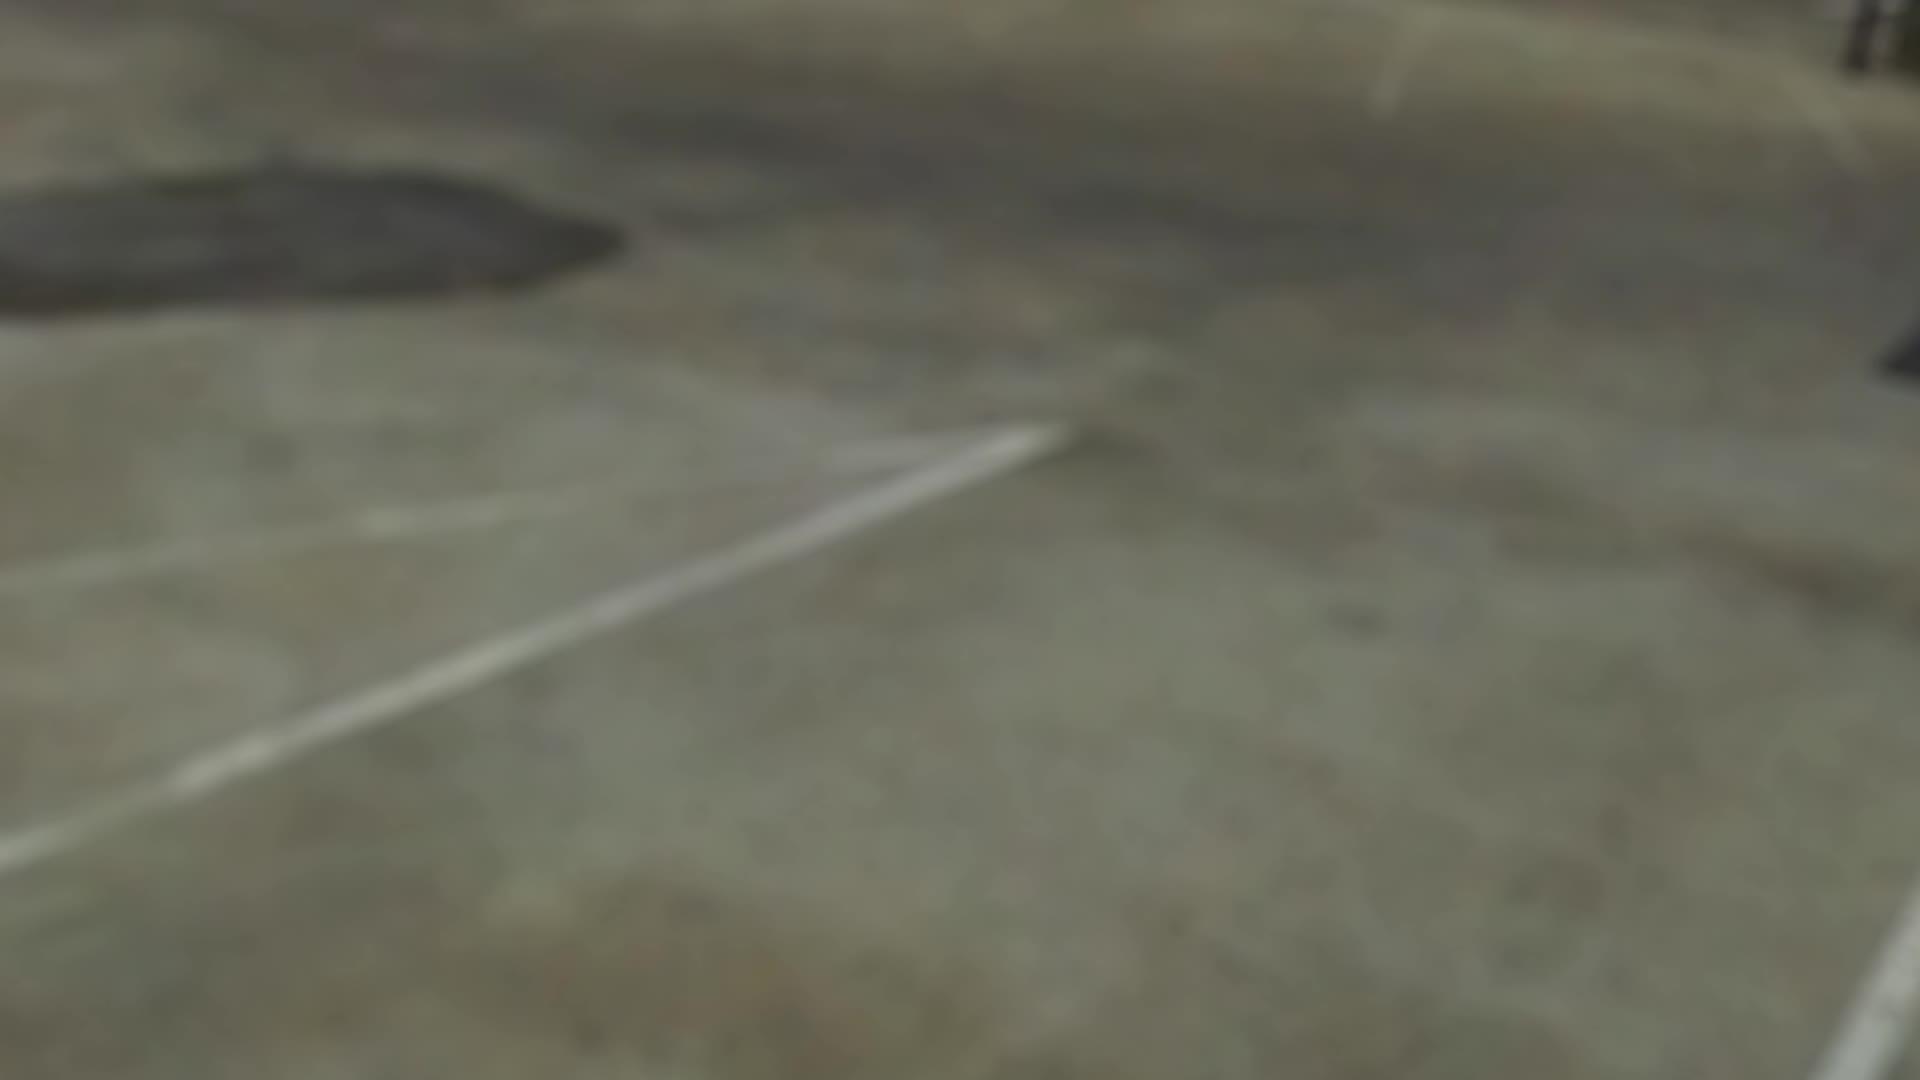 drone rig showoff render.mov GIFs